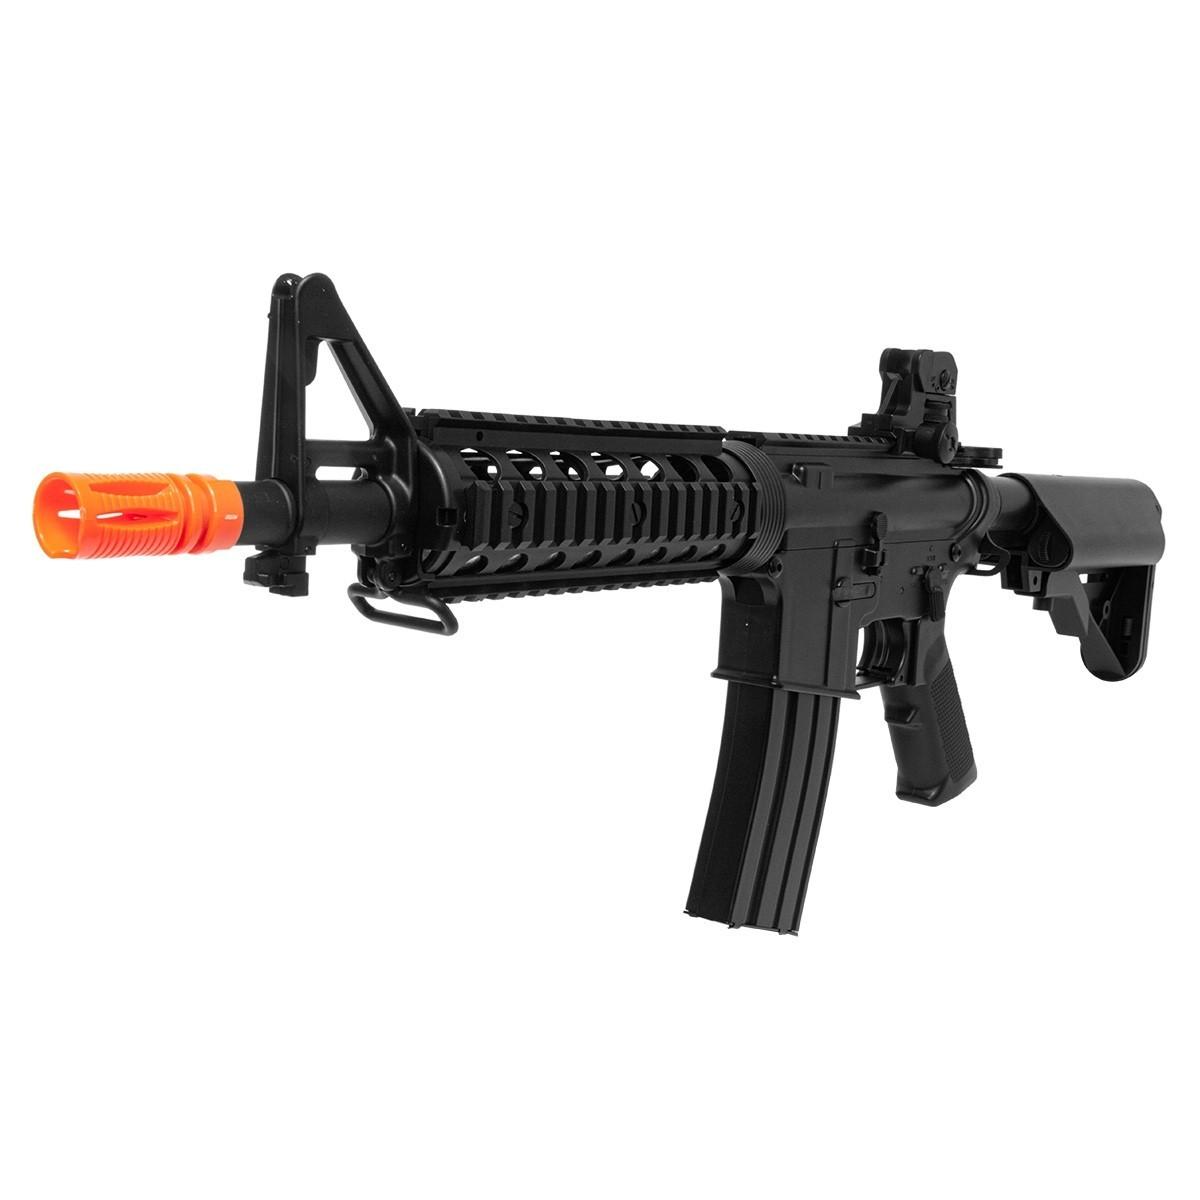 RIFLE DE AIRSOFT AEG M4 CM506 CQB RIS BK - CYMA